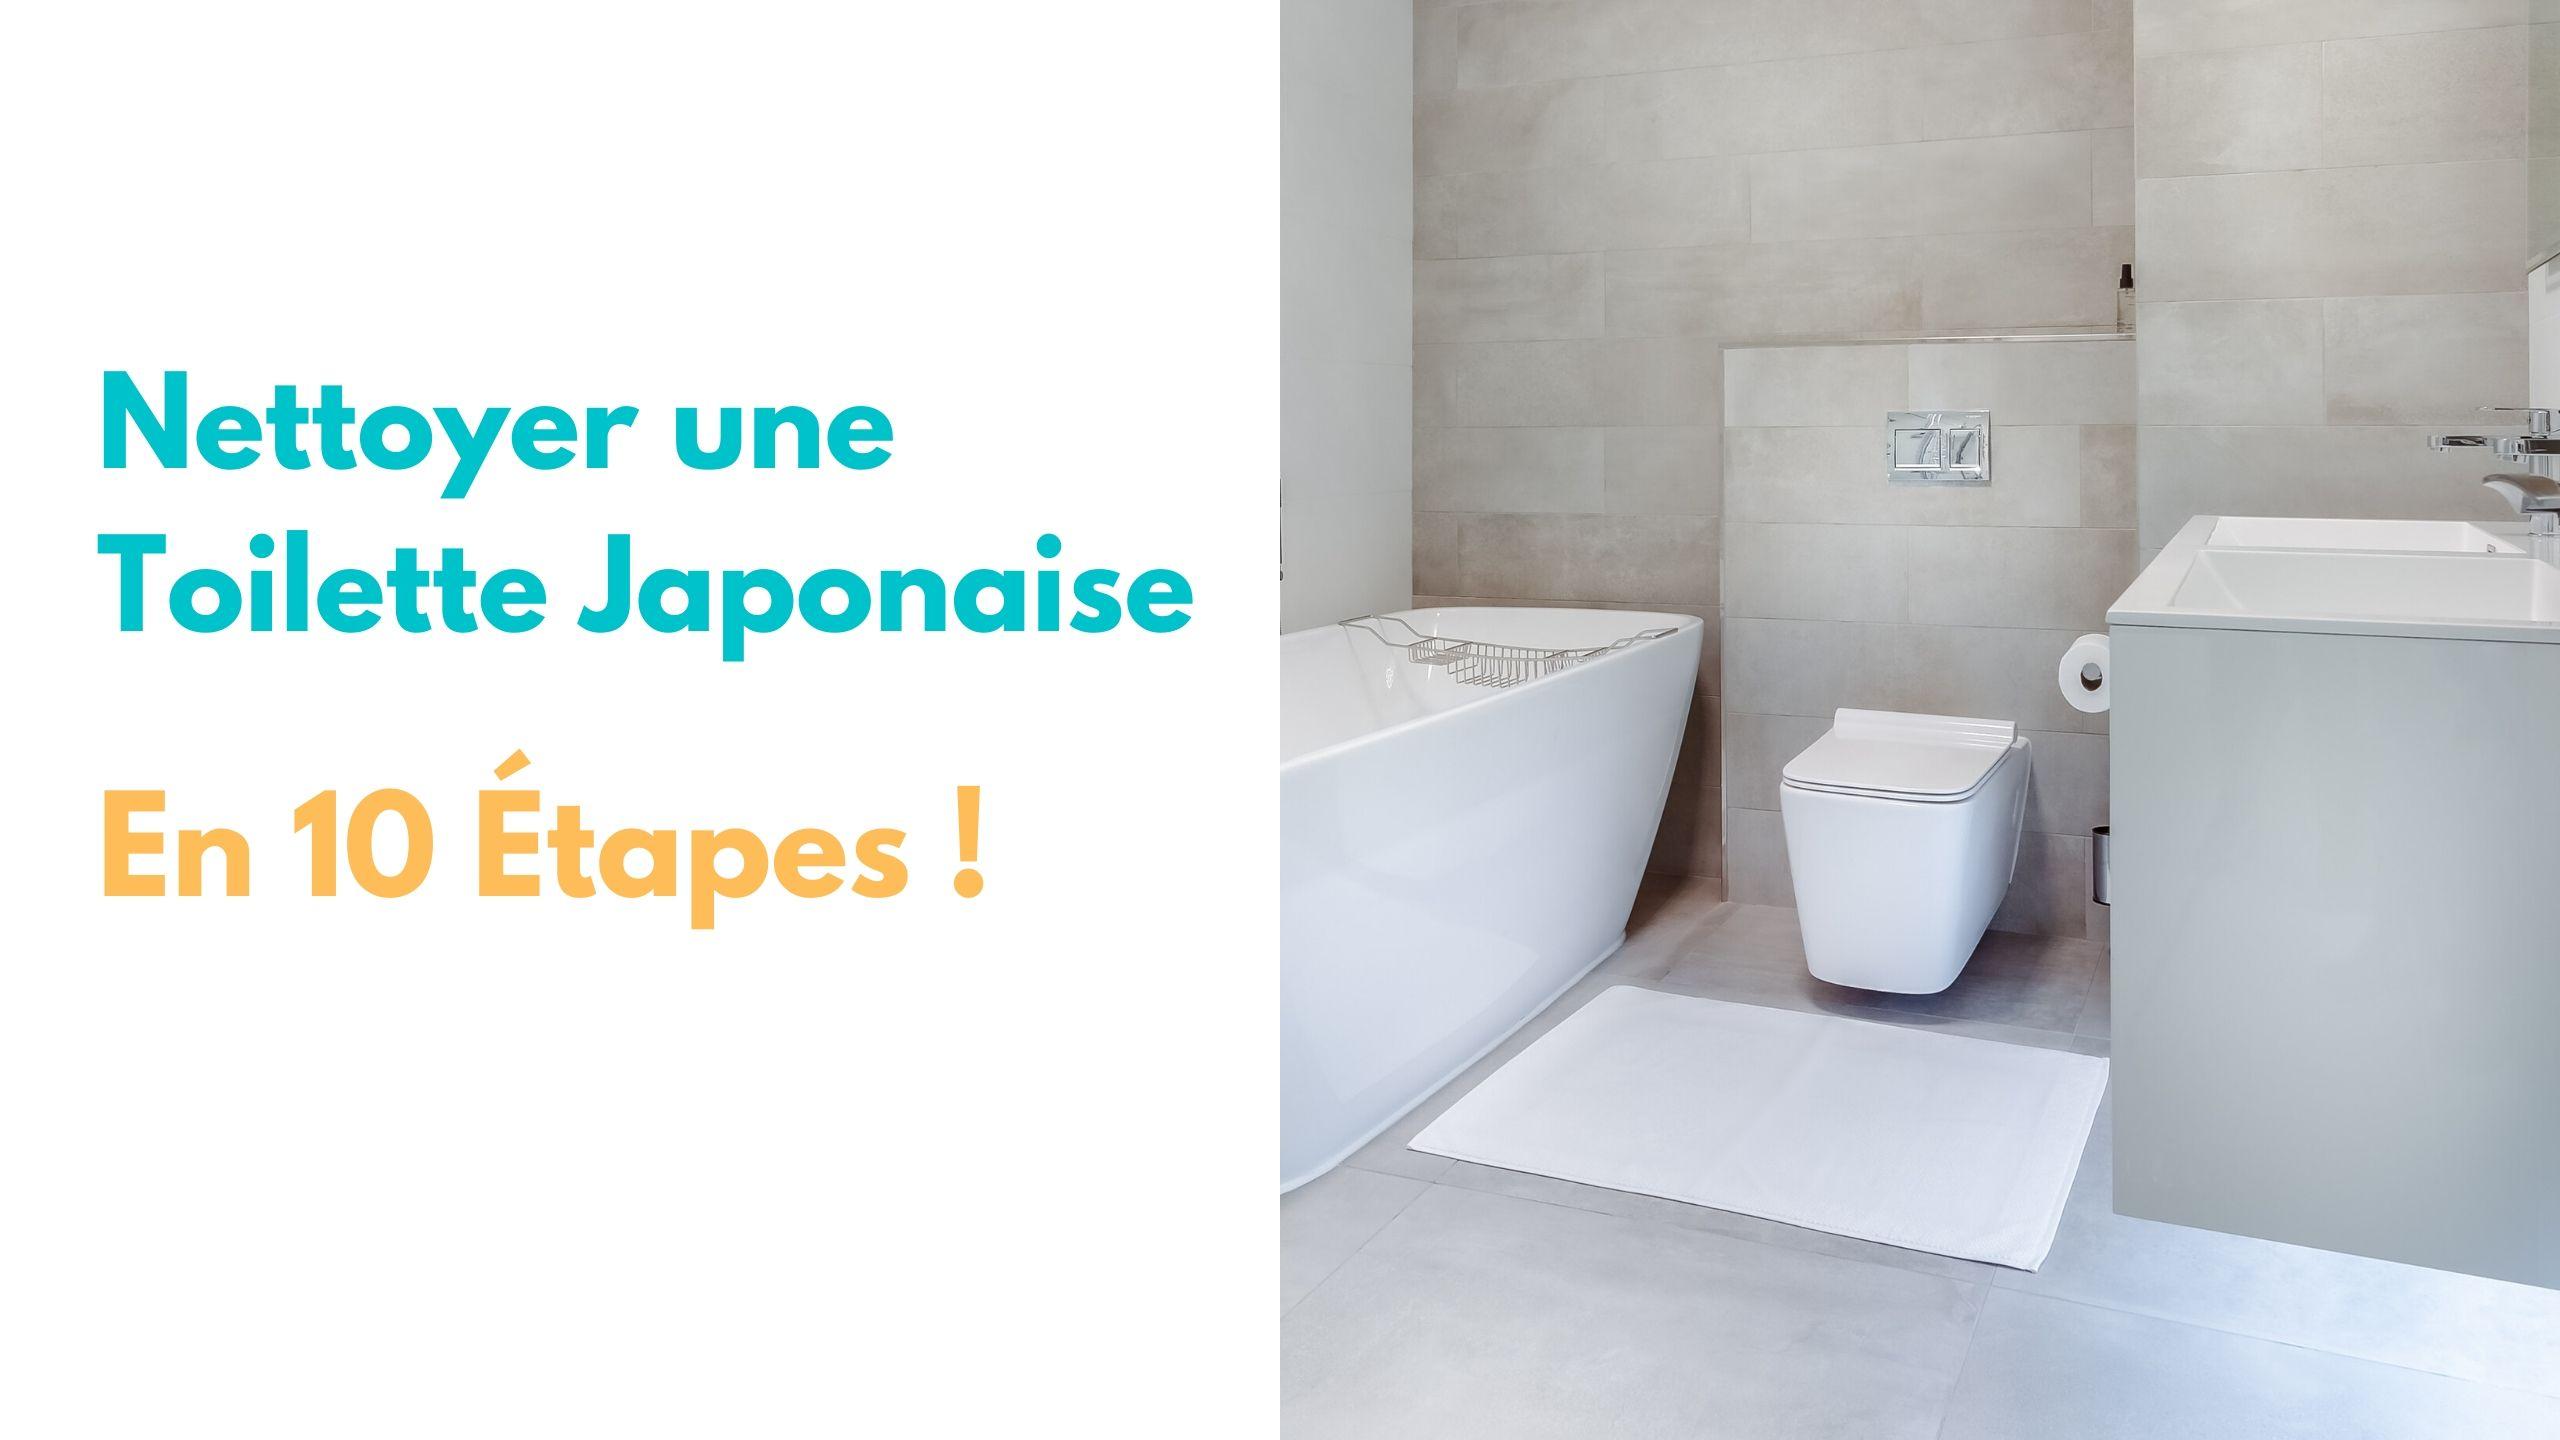 10 etapes pour nettoyer une toilette japonaise